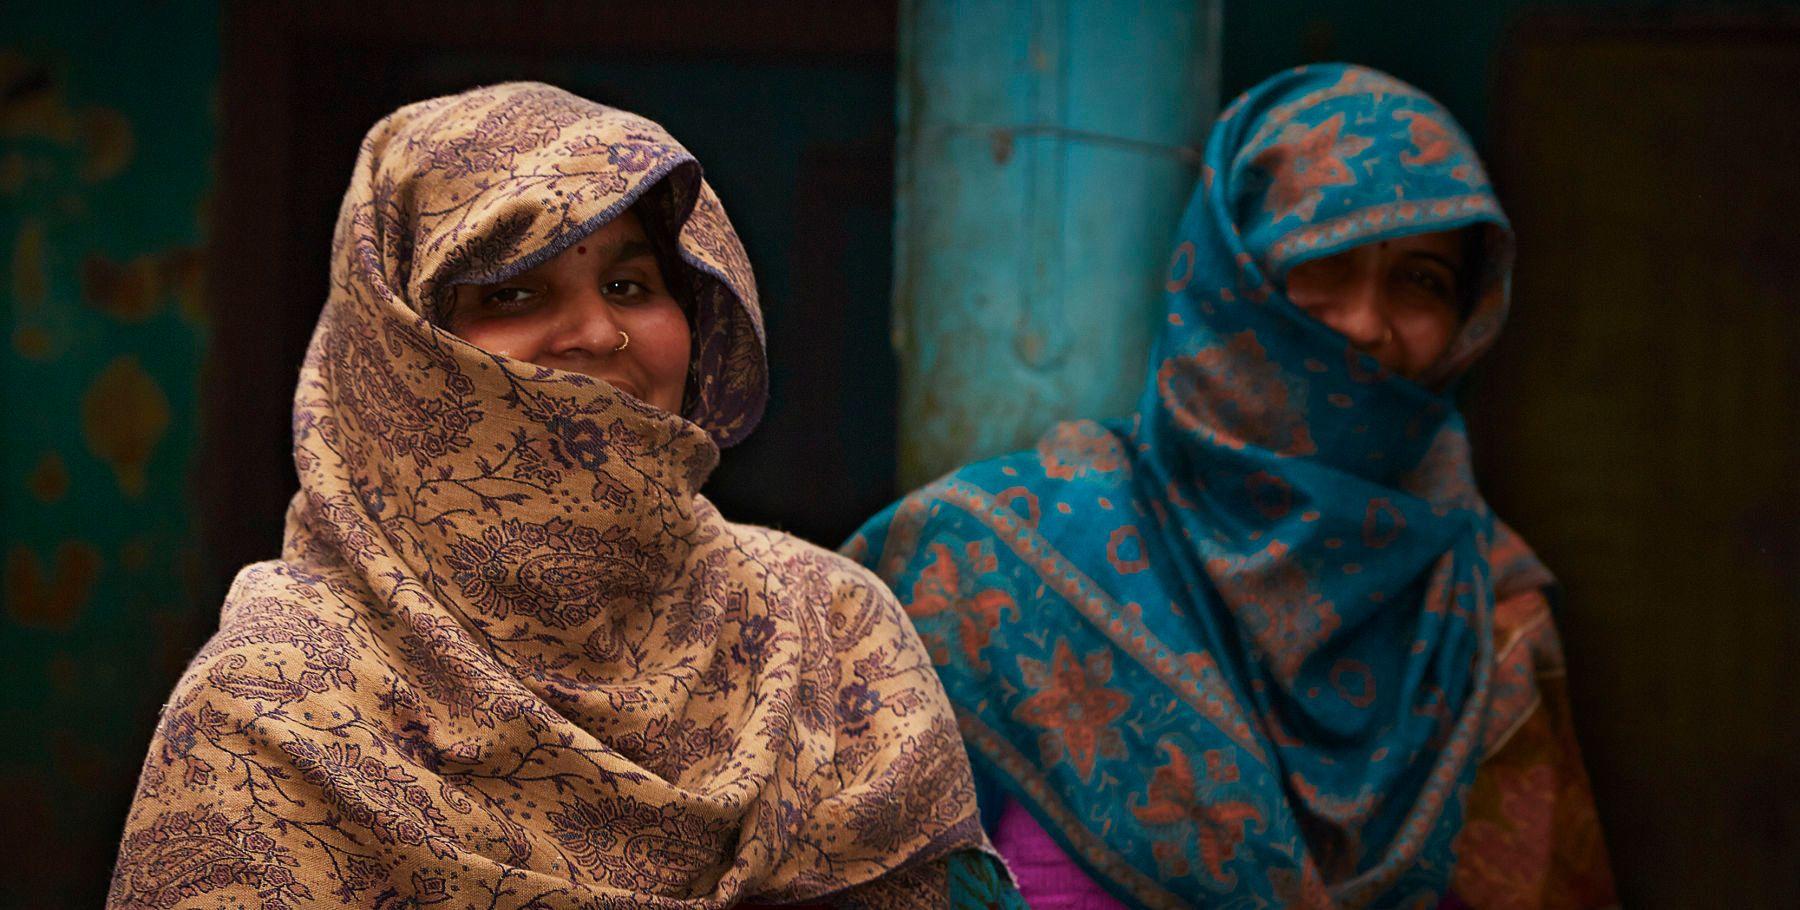 1r29_2015_01_india_dunger_0130.jpg